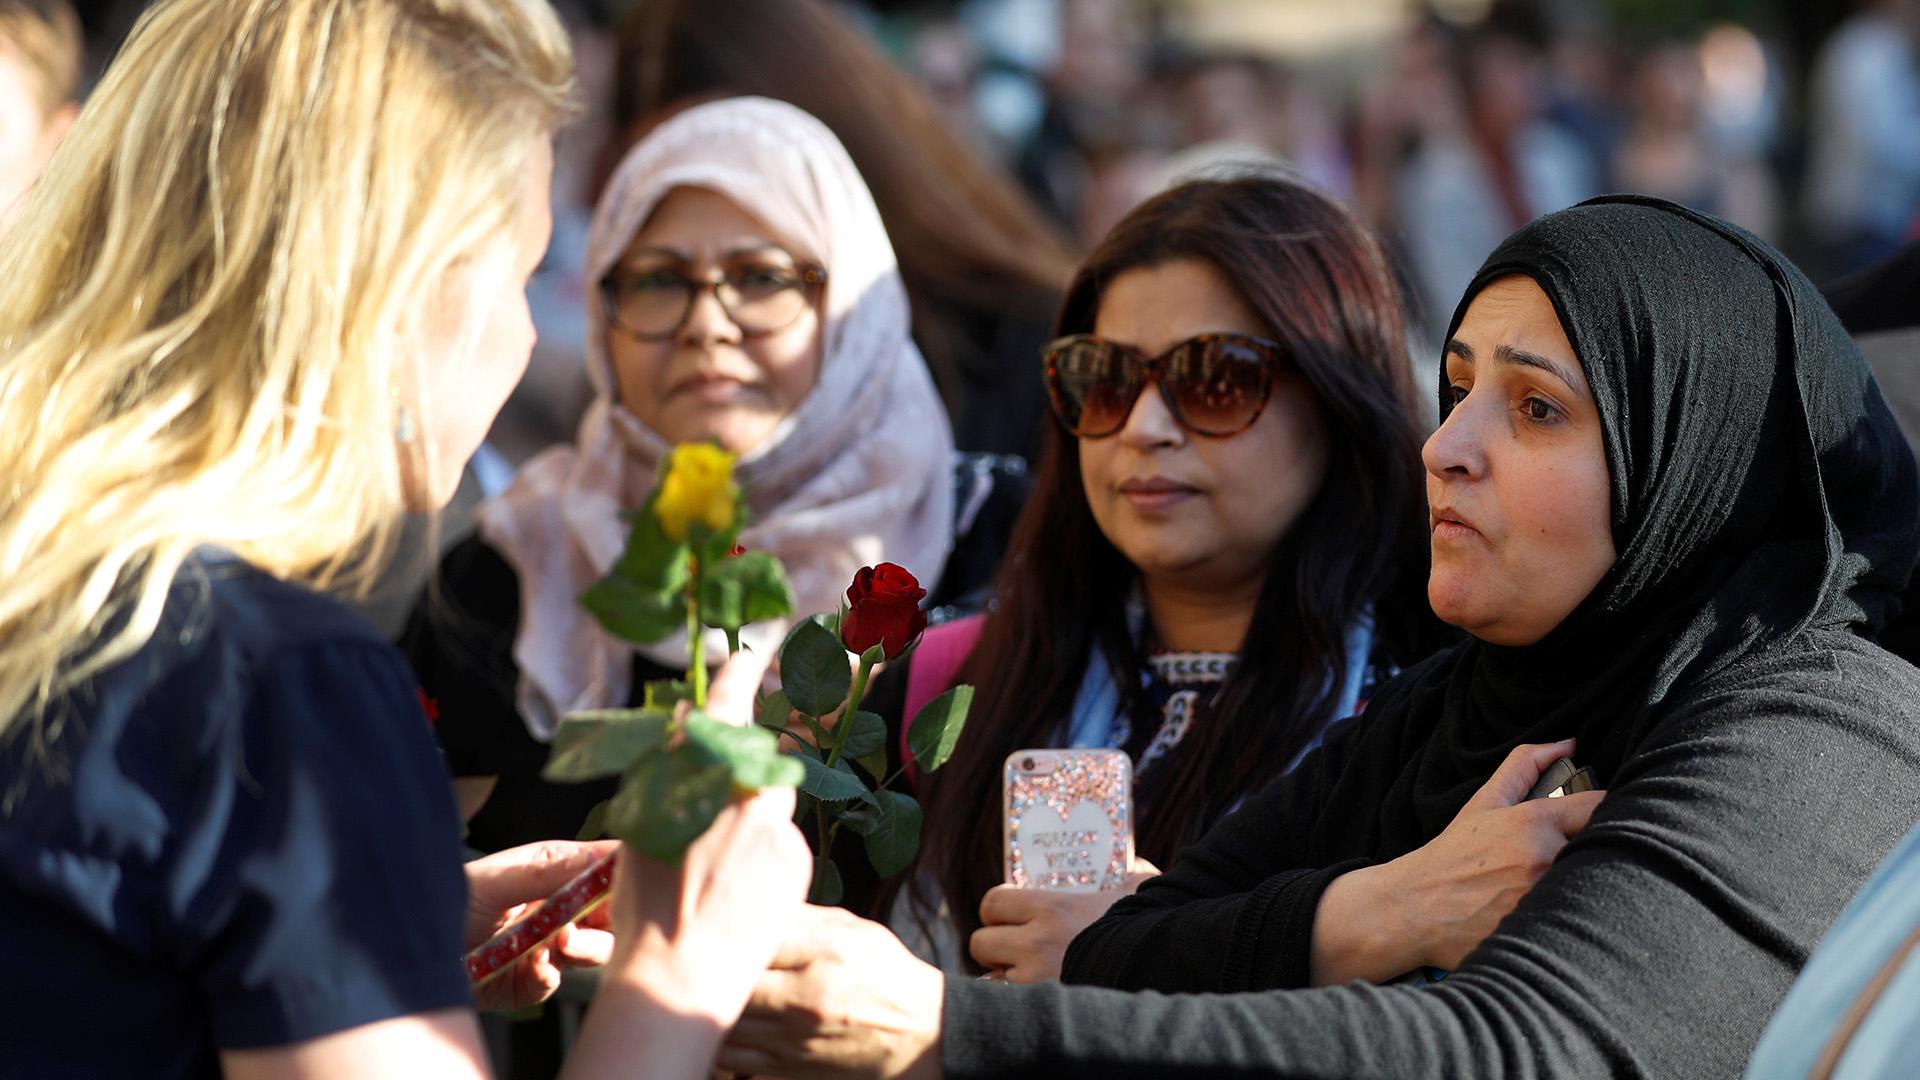 Miles de personas se congregaron en el centro de Manchester(REUTERS)